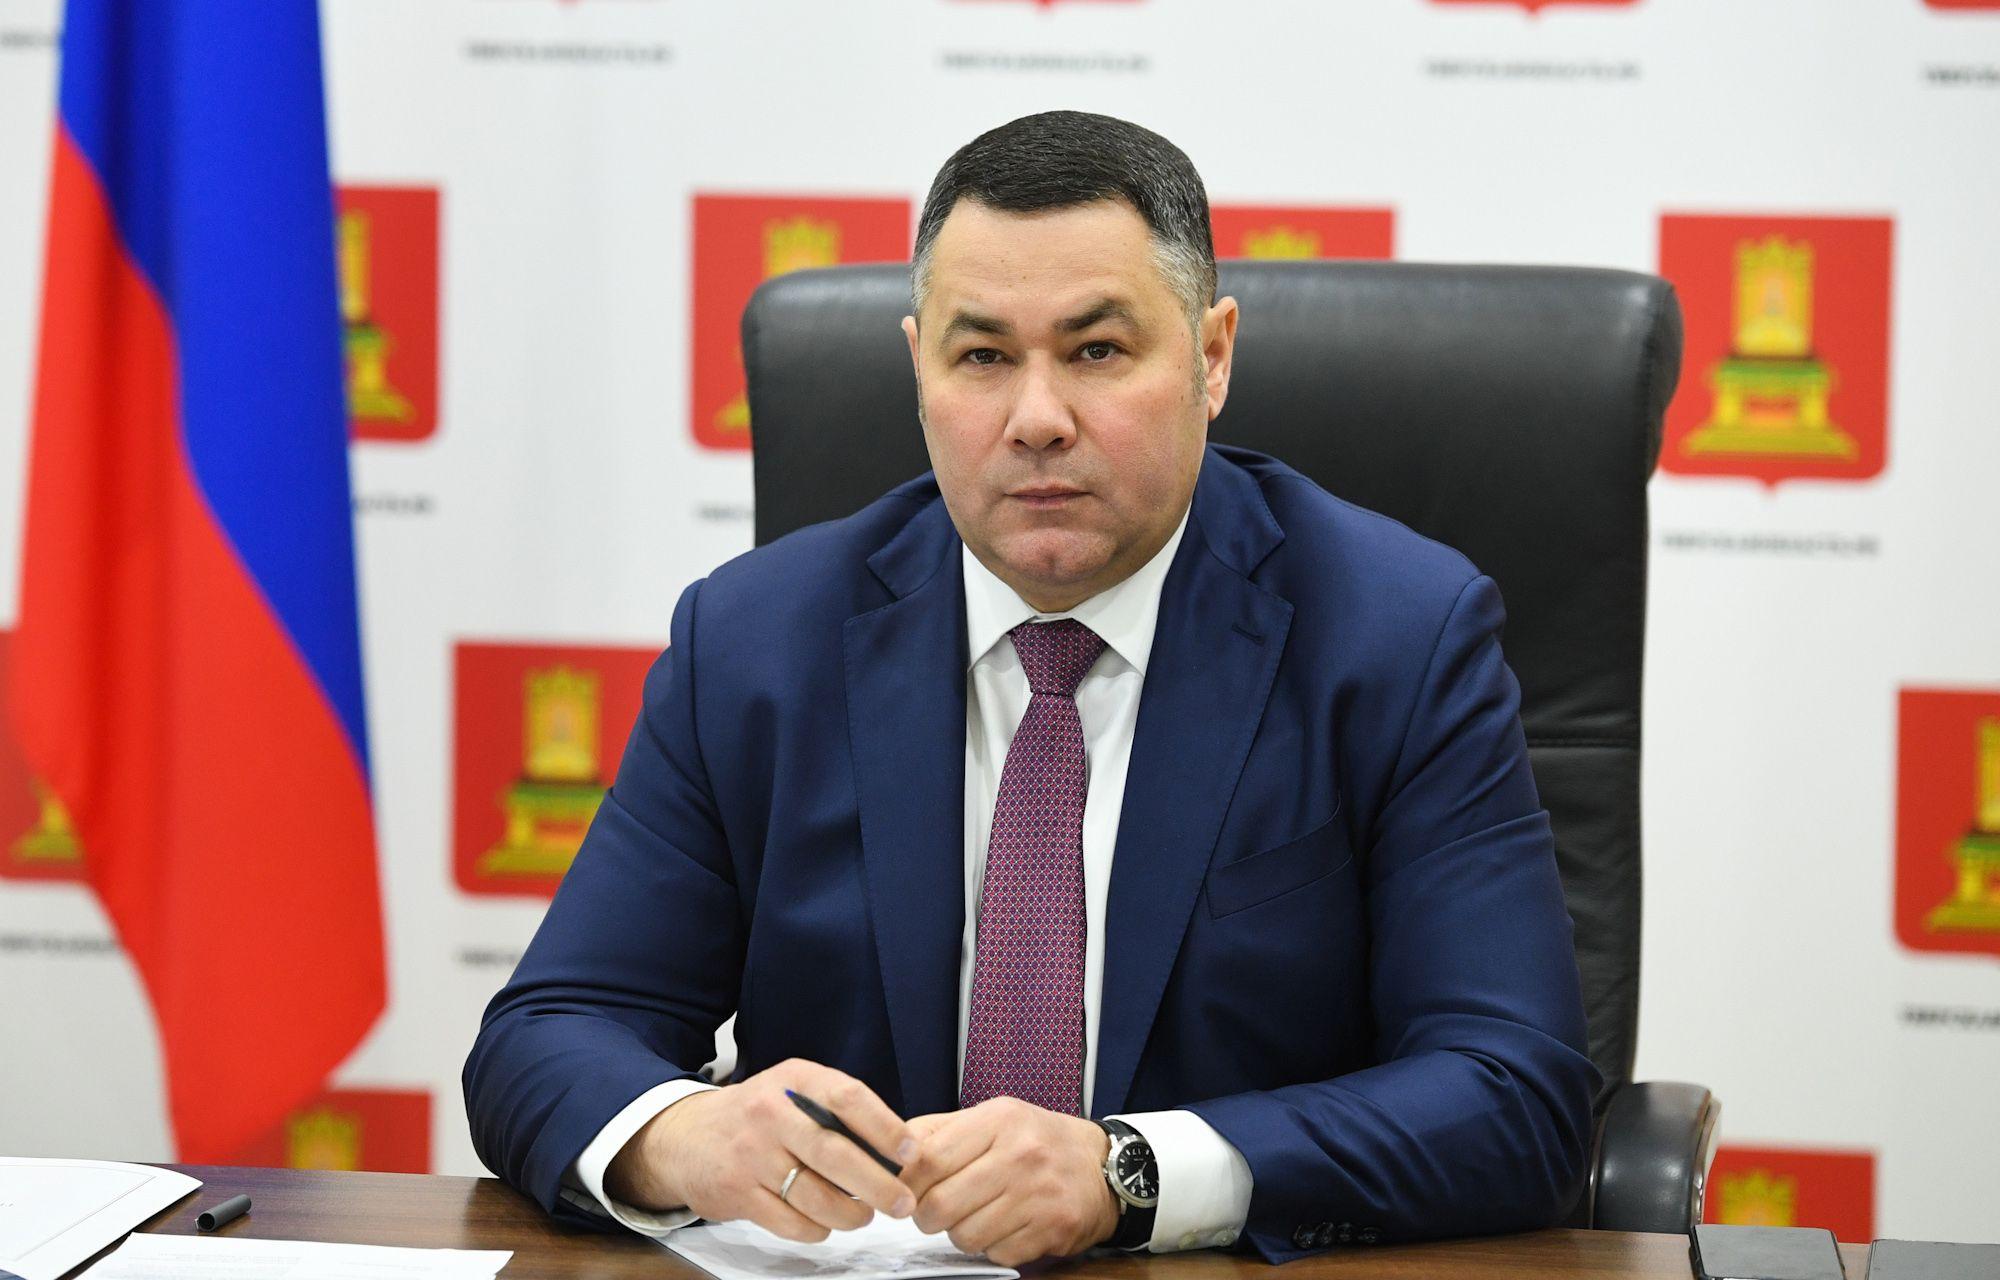 Игорь Руденя сообщил, будет ли экономика Тверской области переведена на удалённый режим